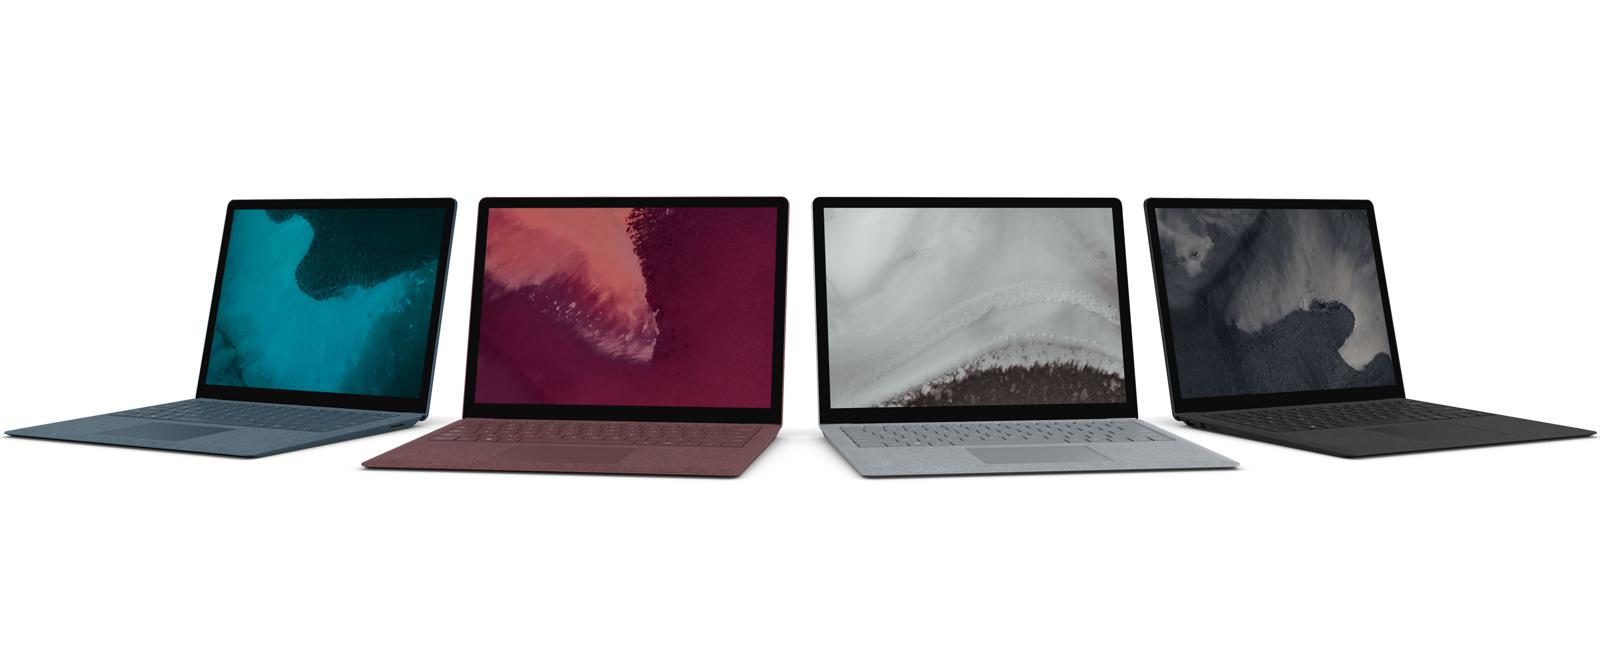 所有顏色的 Surface Laptop 2 排列